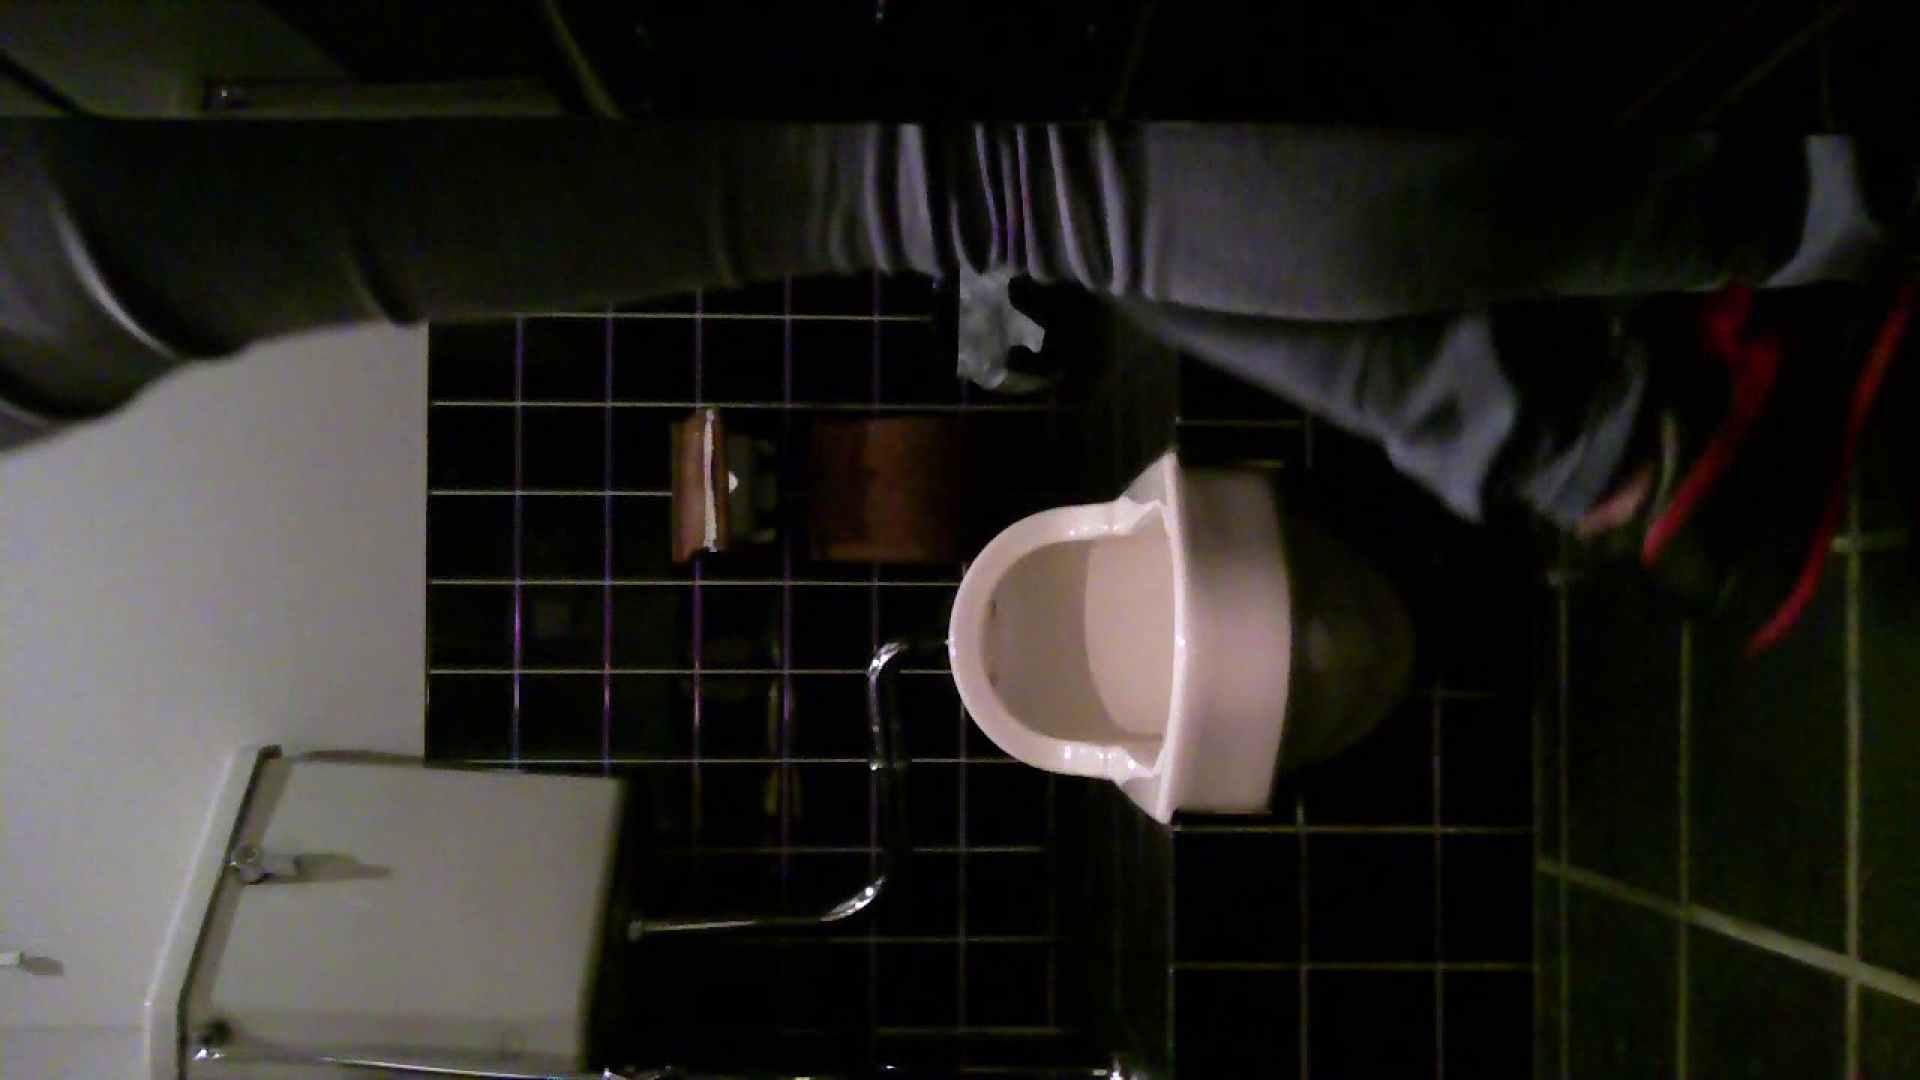 美女の集まる飲み屋洗面所 vol.02 OLセックス | ぱっくり下半身  110画像 21